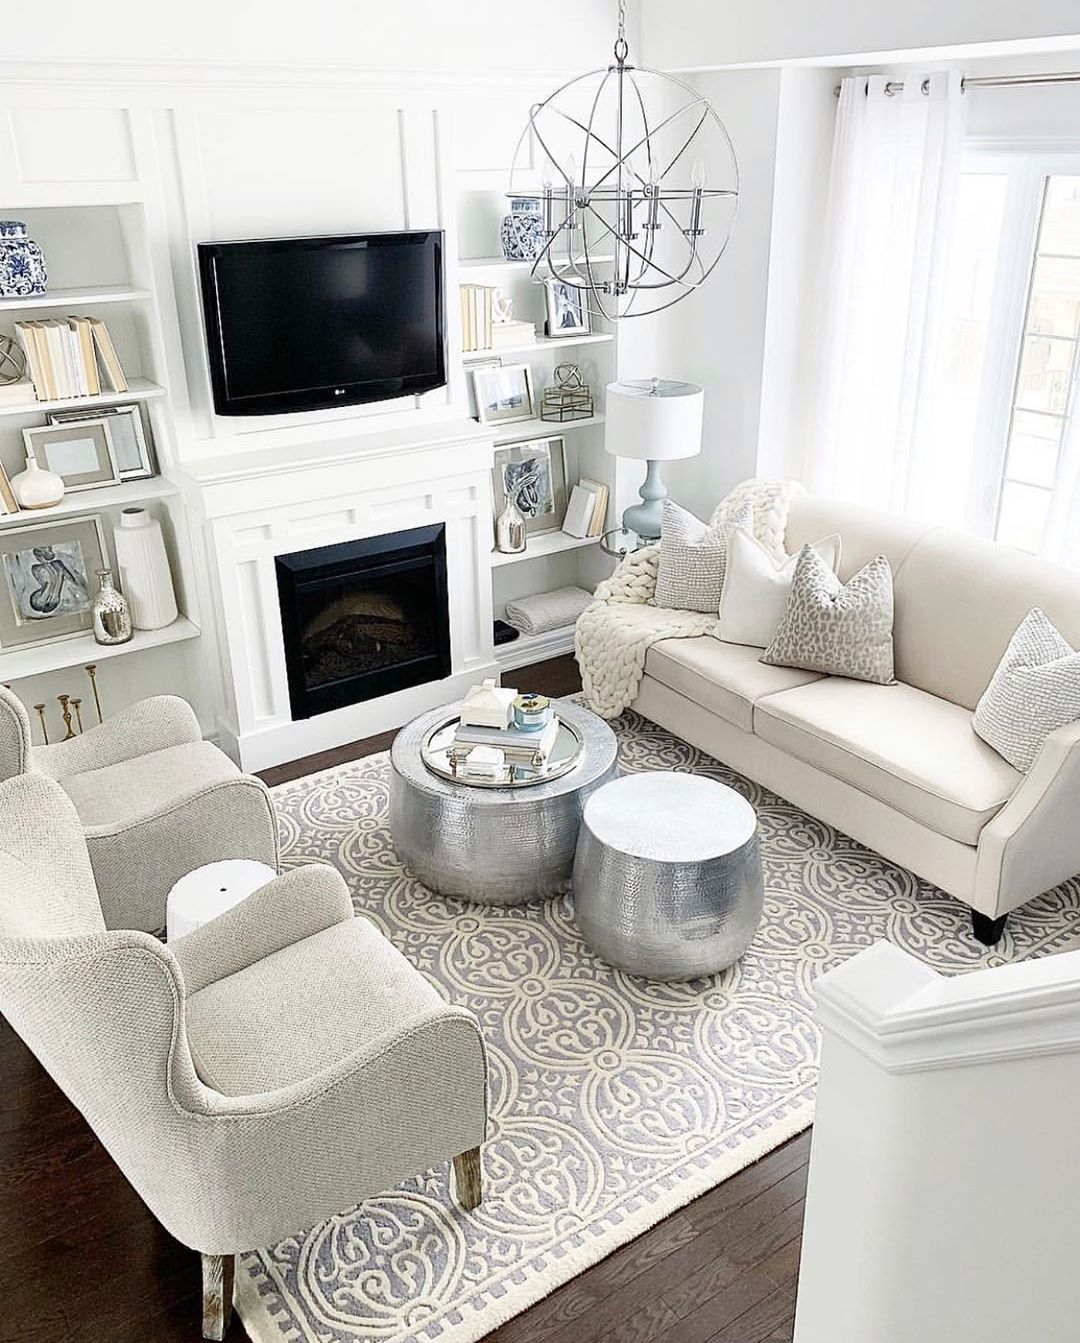 Glam Wohnzimmer mit silbernen Möbeln und Dekor via @ p.arruda